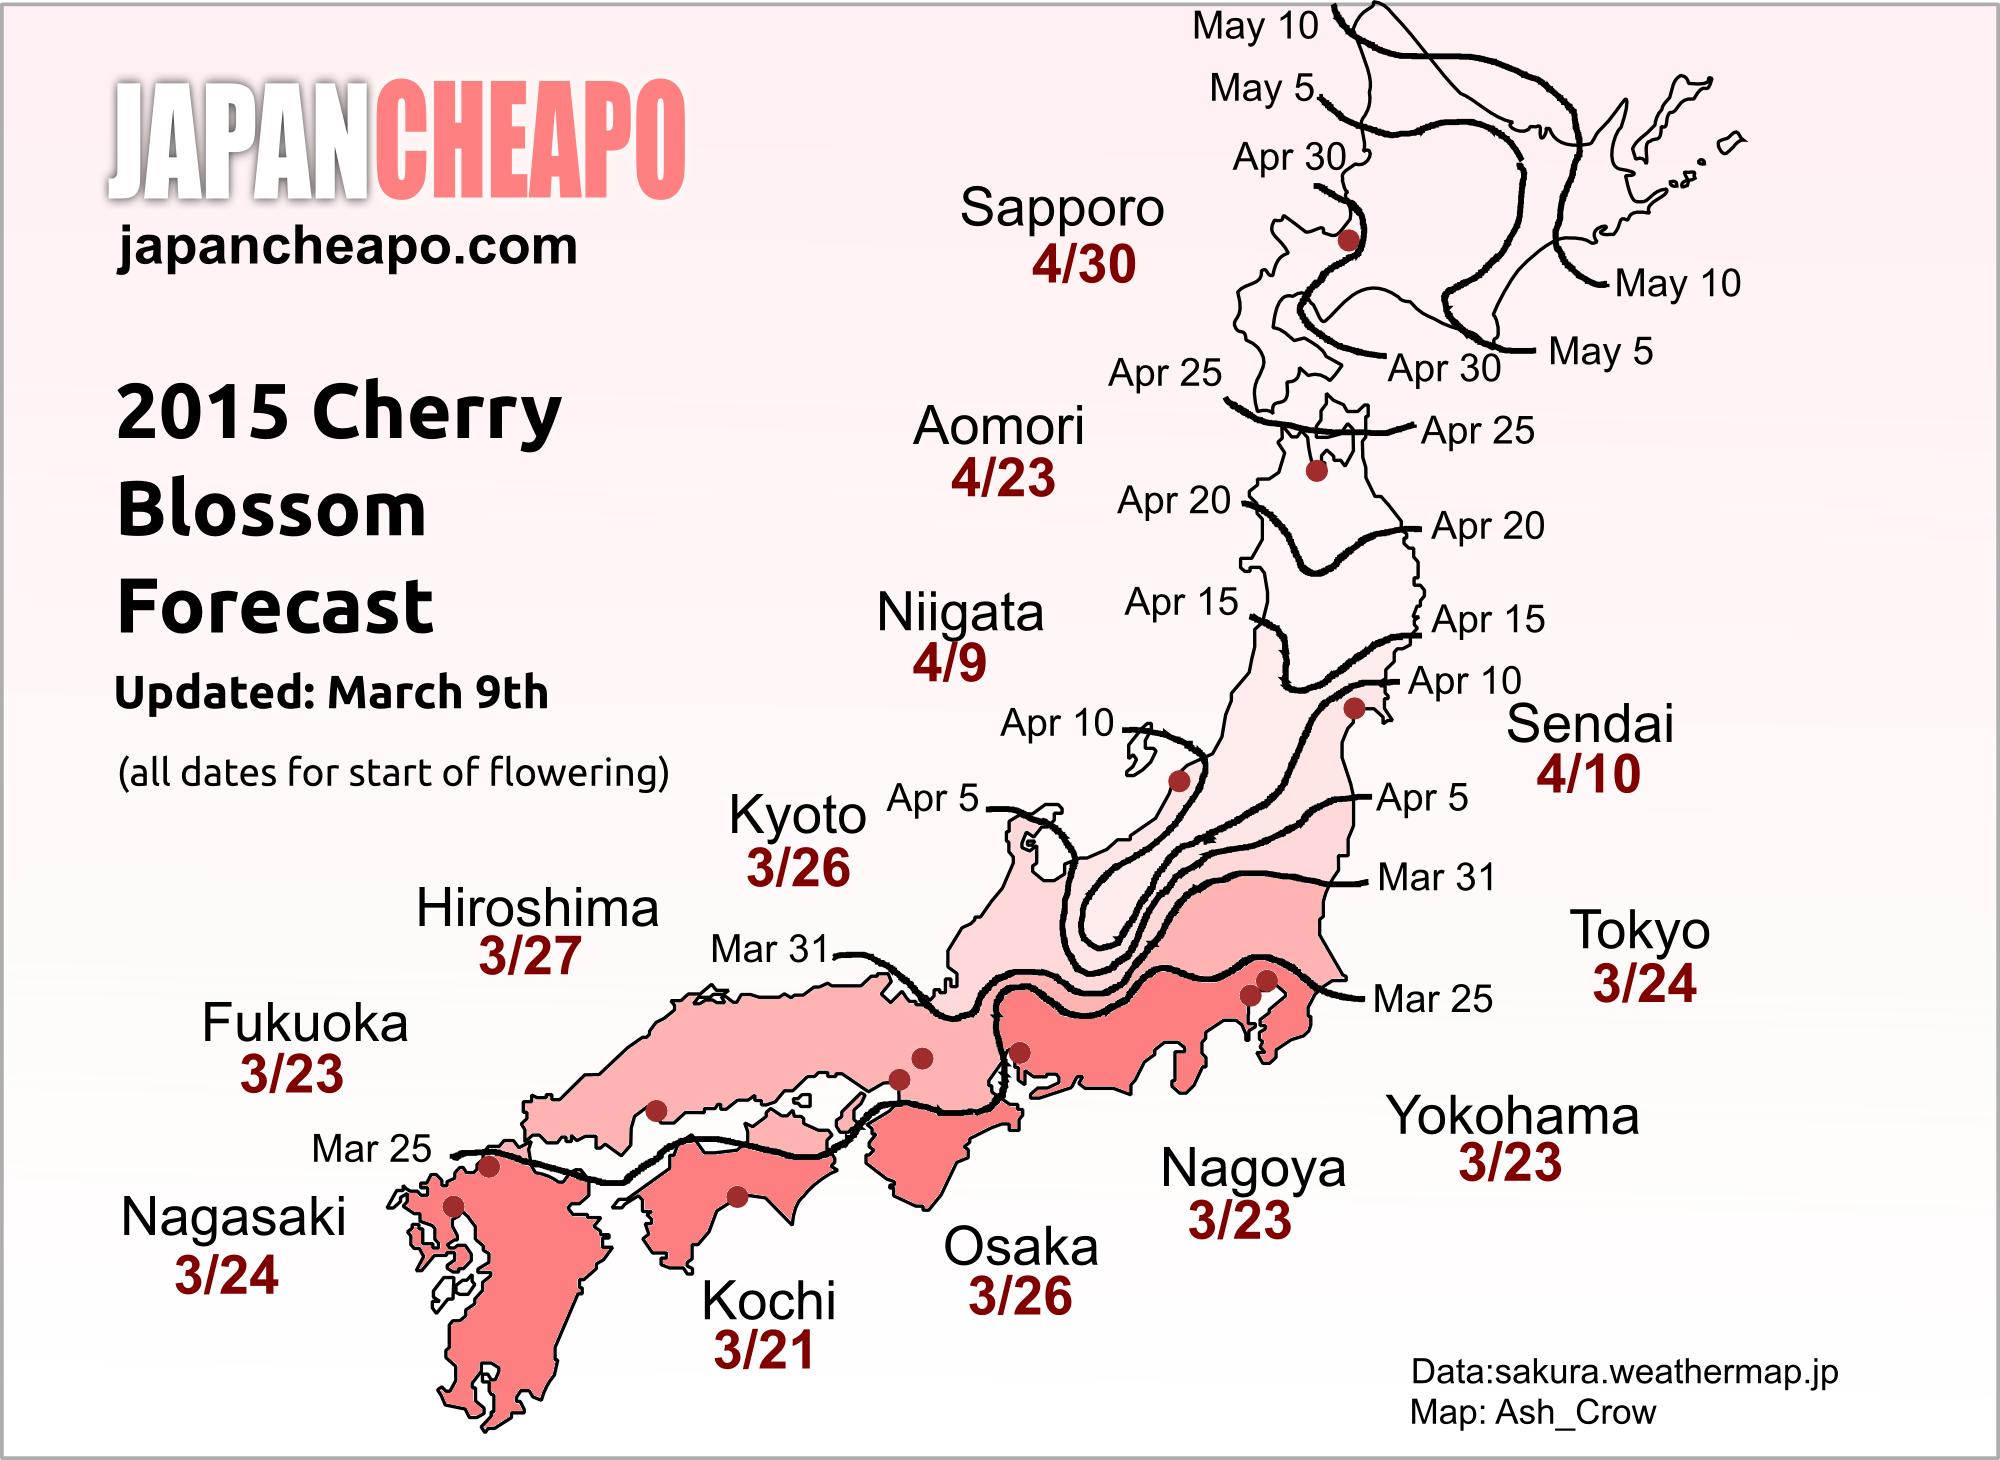 2019 Japan Cherry Blossom Forecast By Major City Japan Cheapo